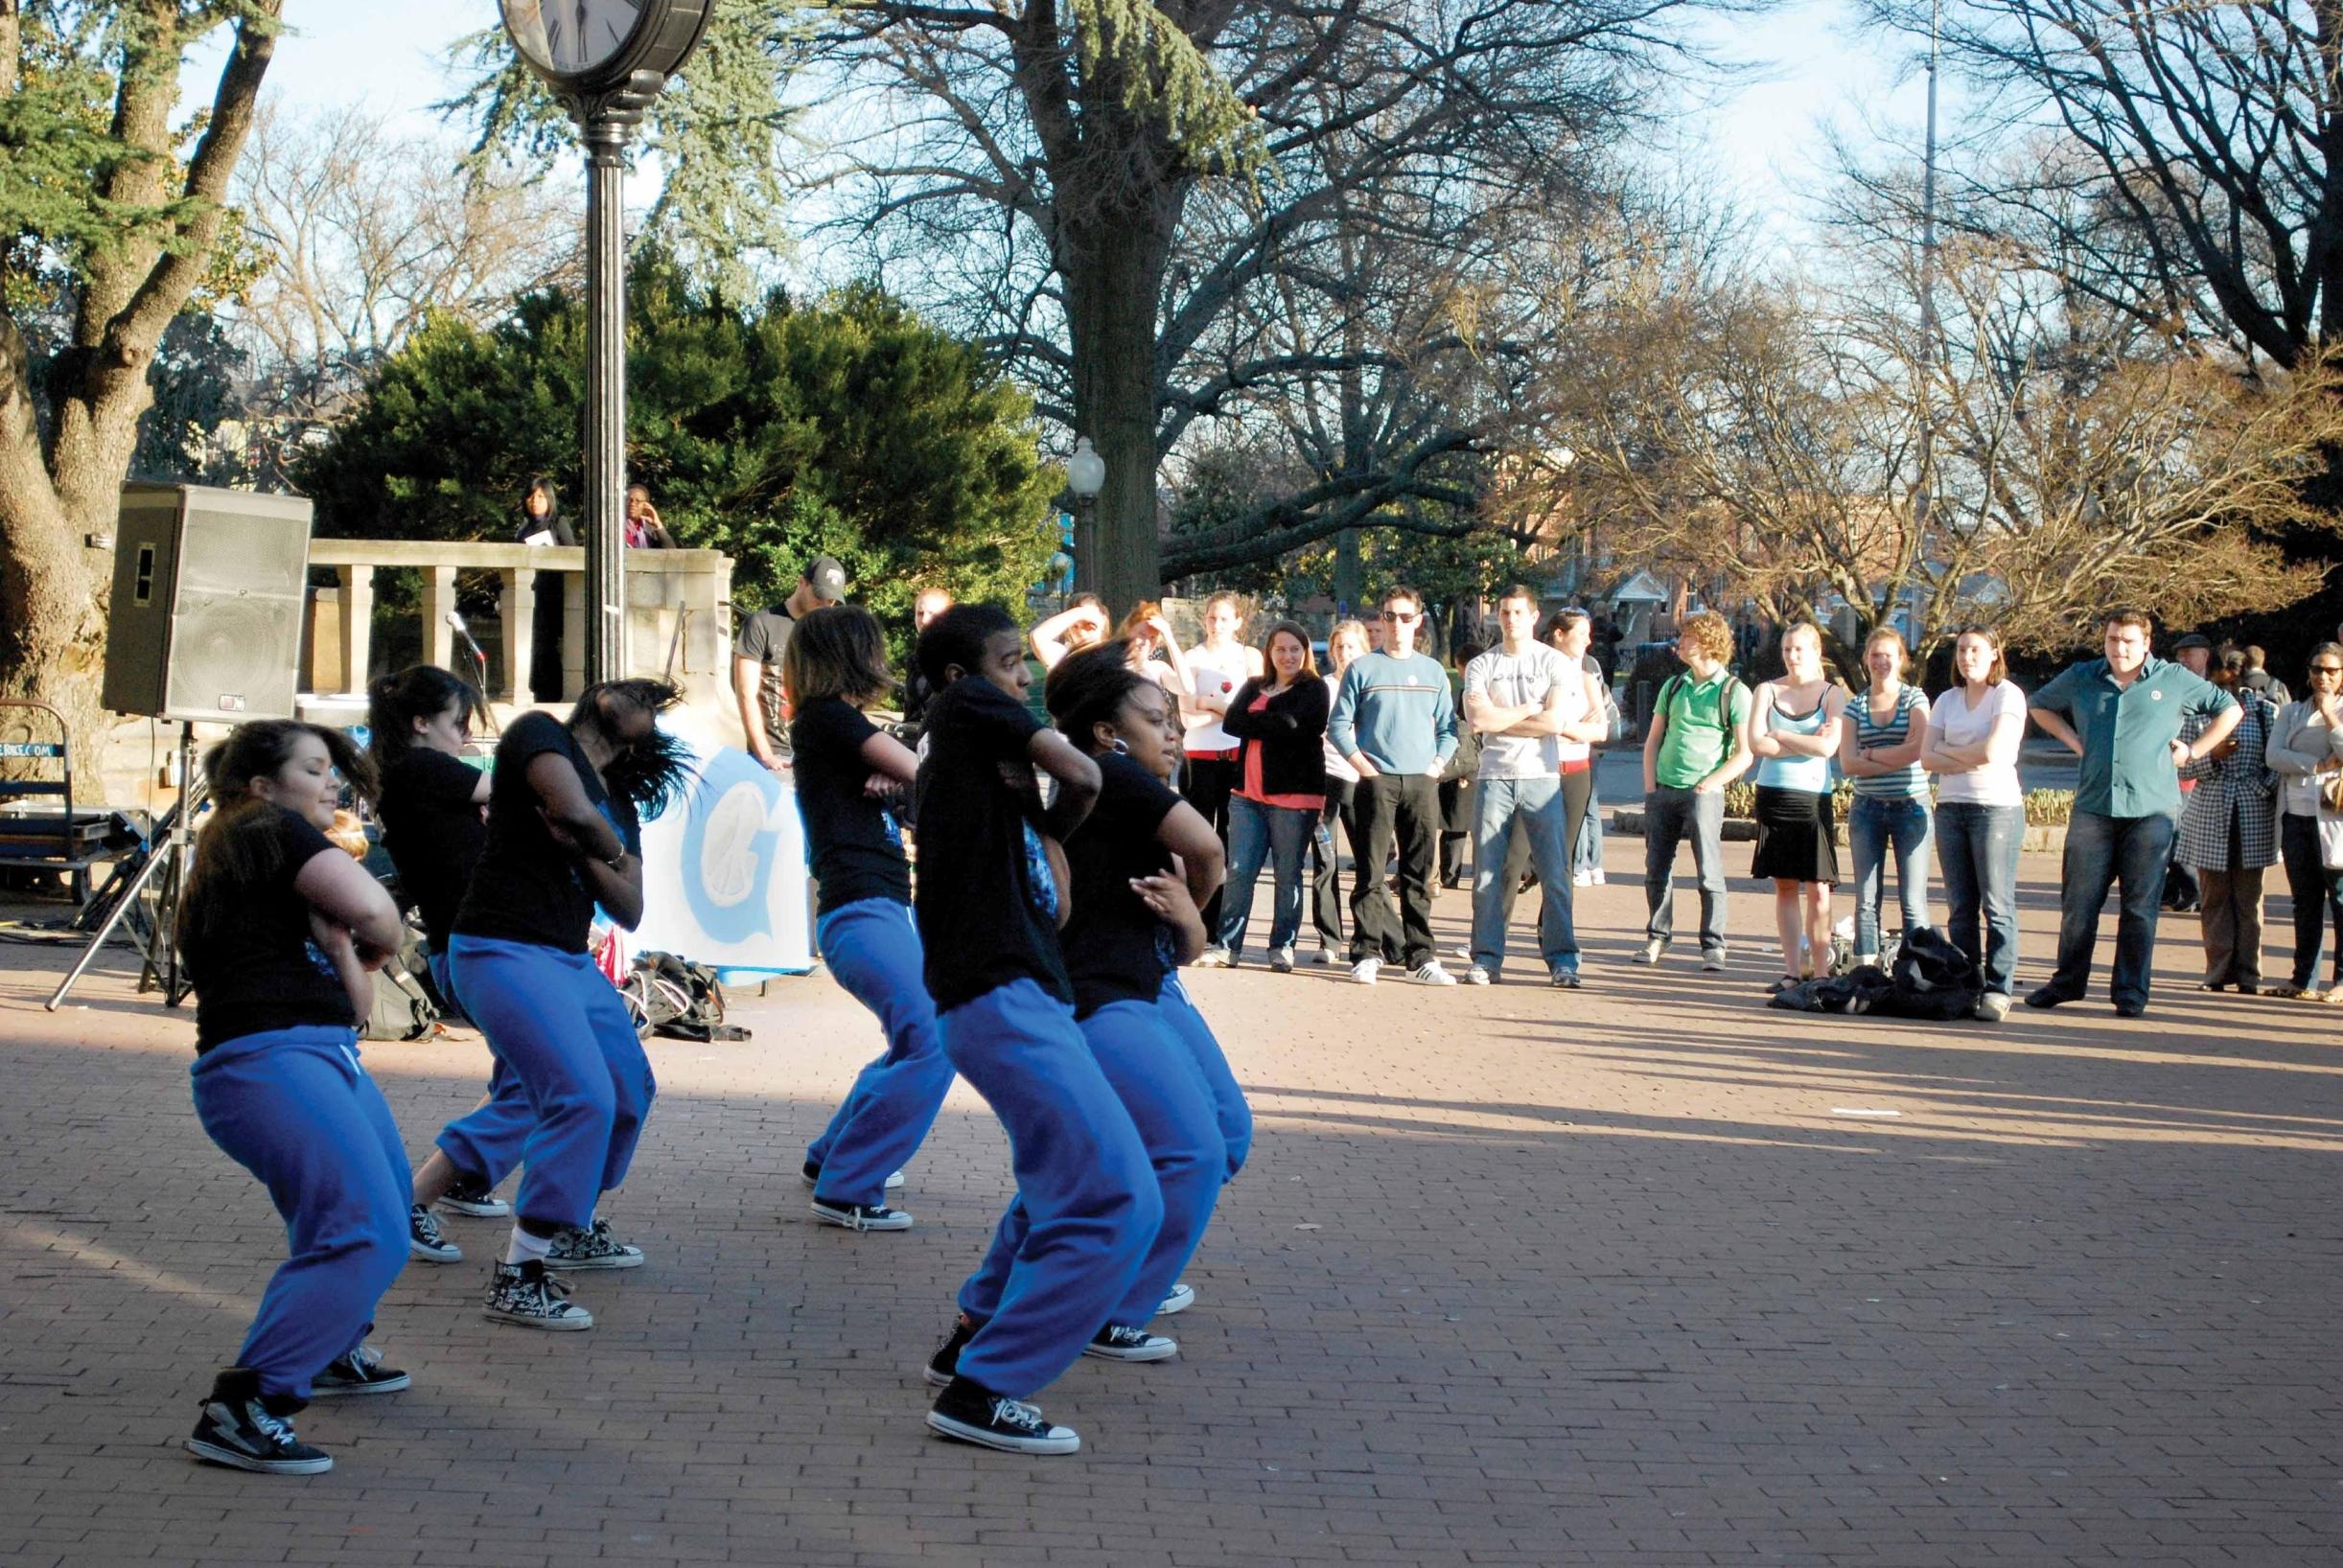 `Hate Free' Week: Dispel Campus Prejudice